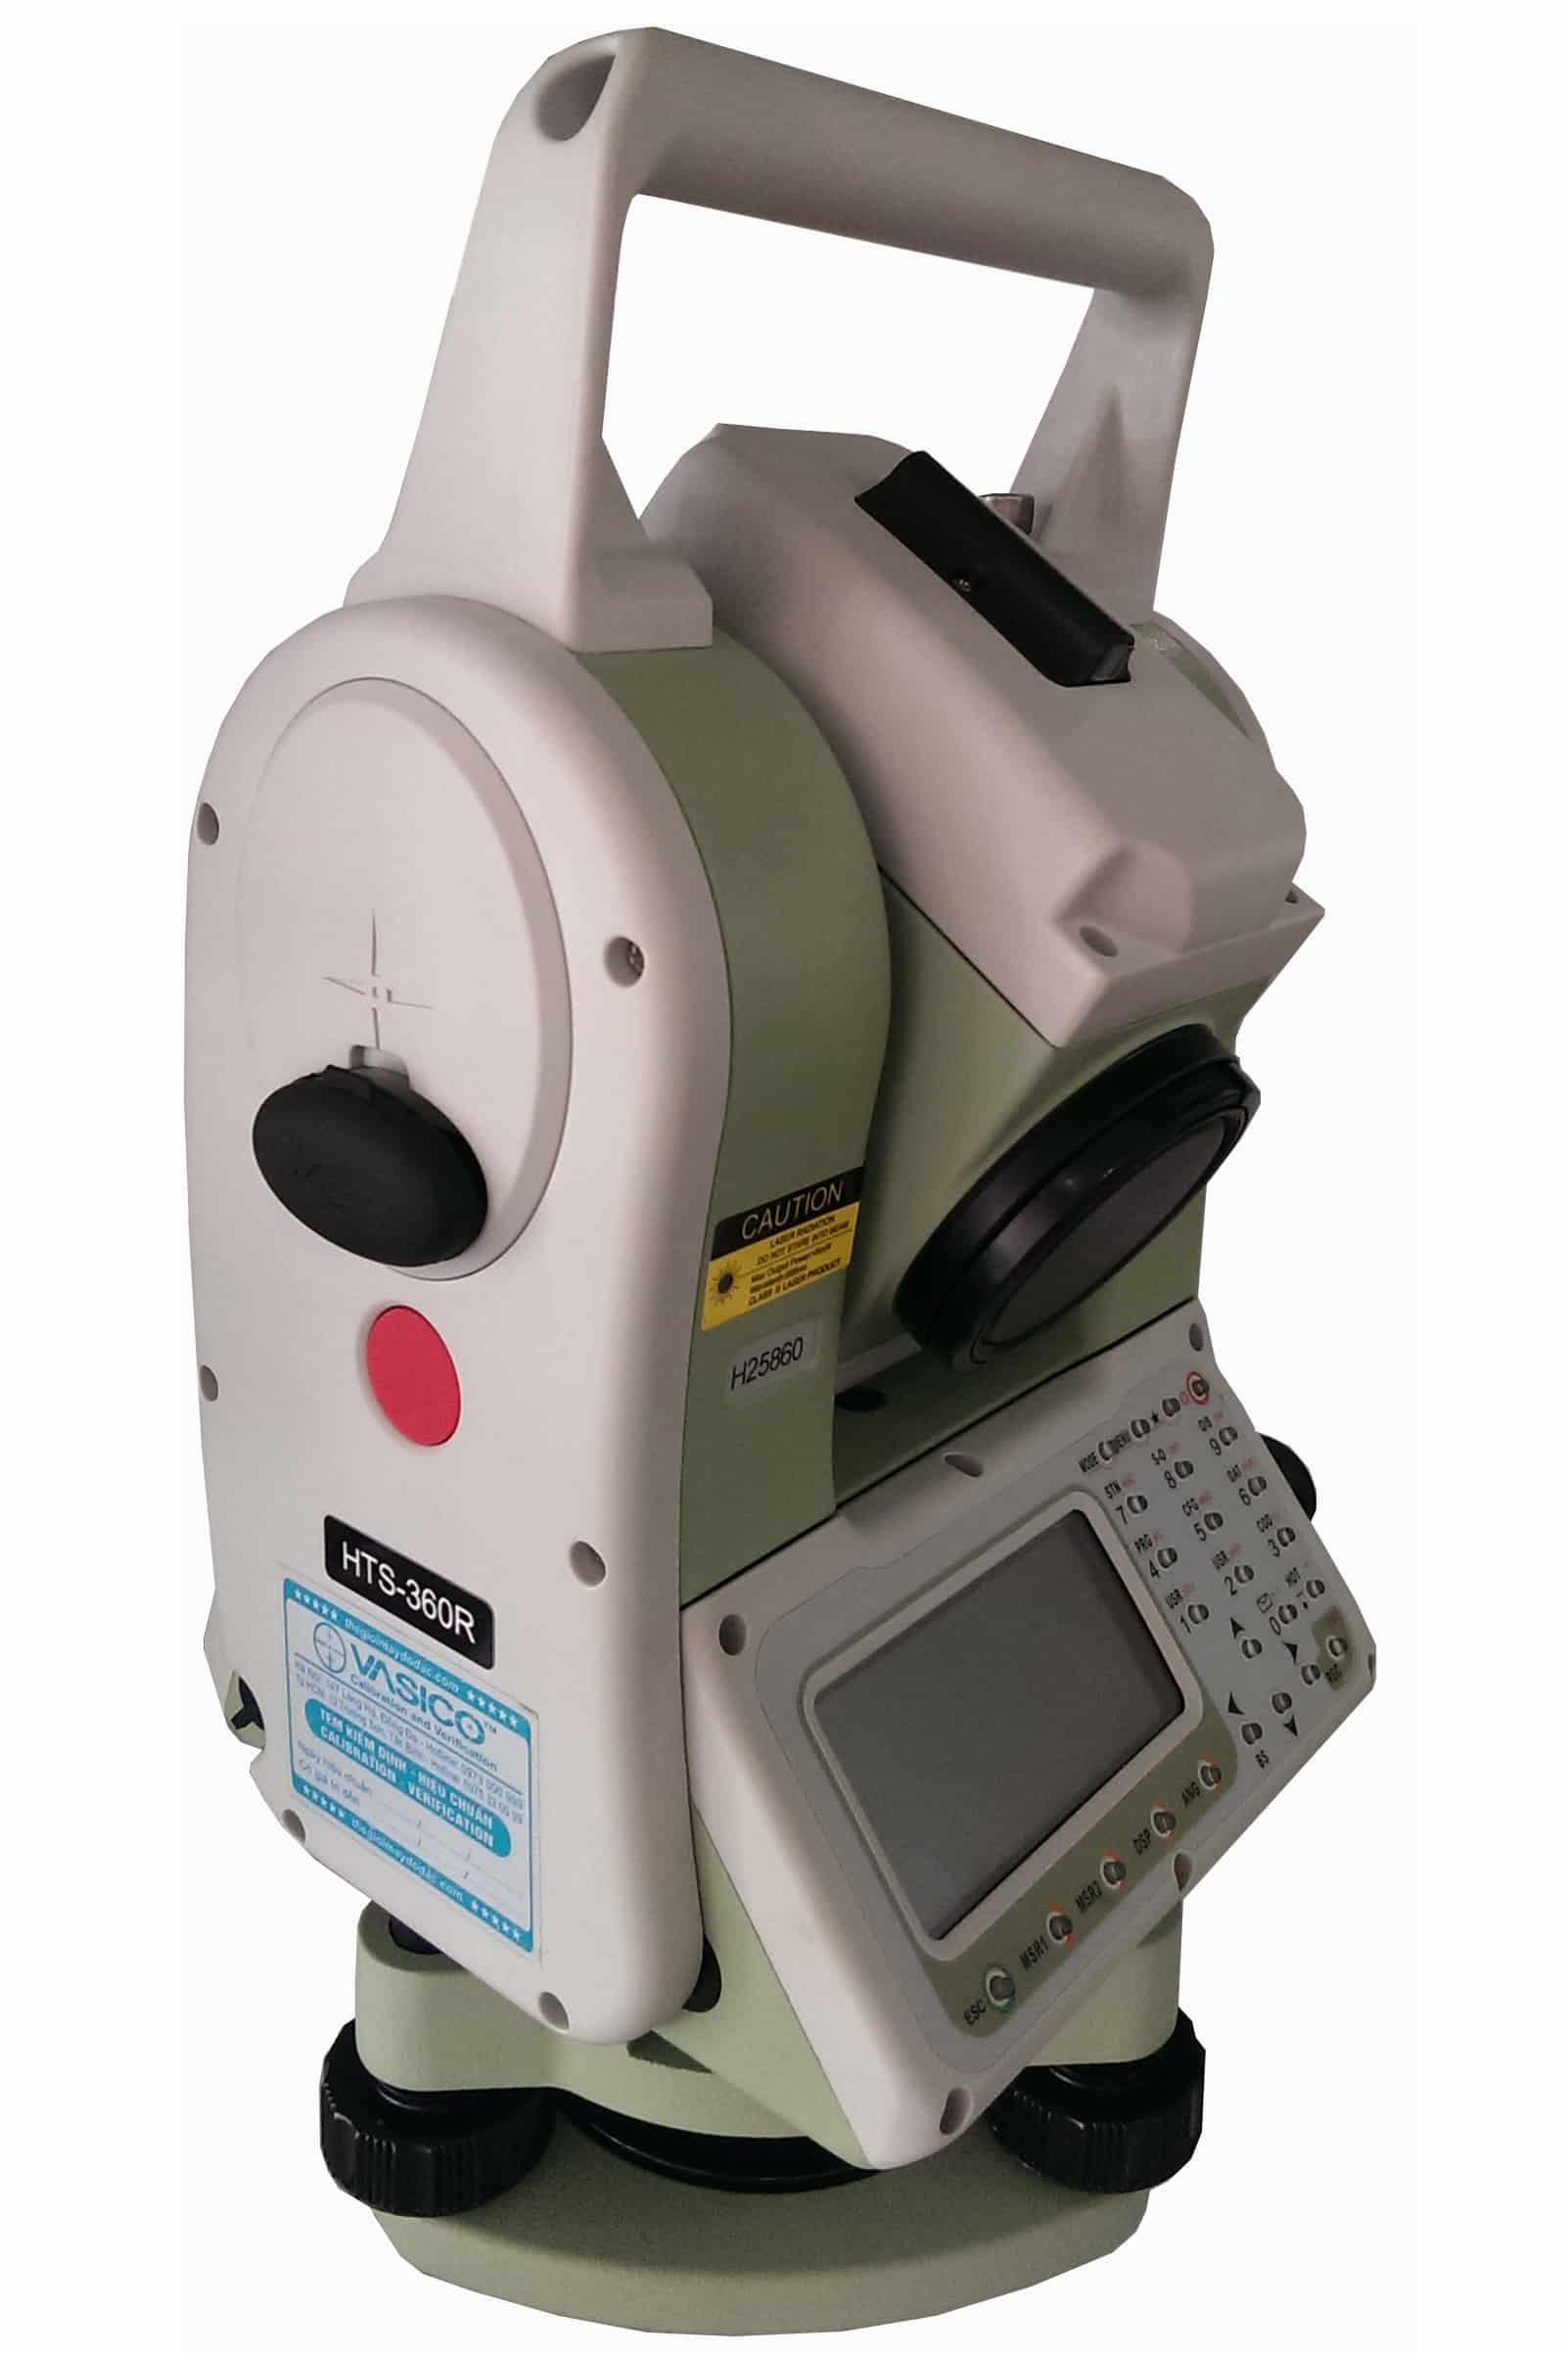 Máy toàn đạc điện tử Hi-target ZTS-360R